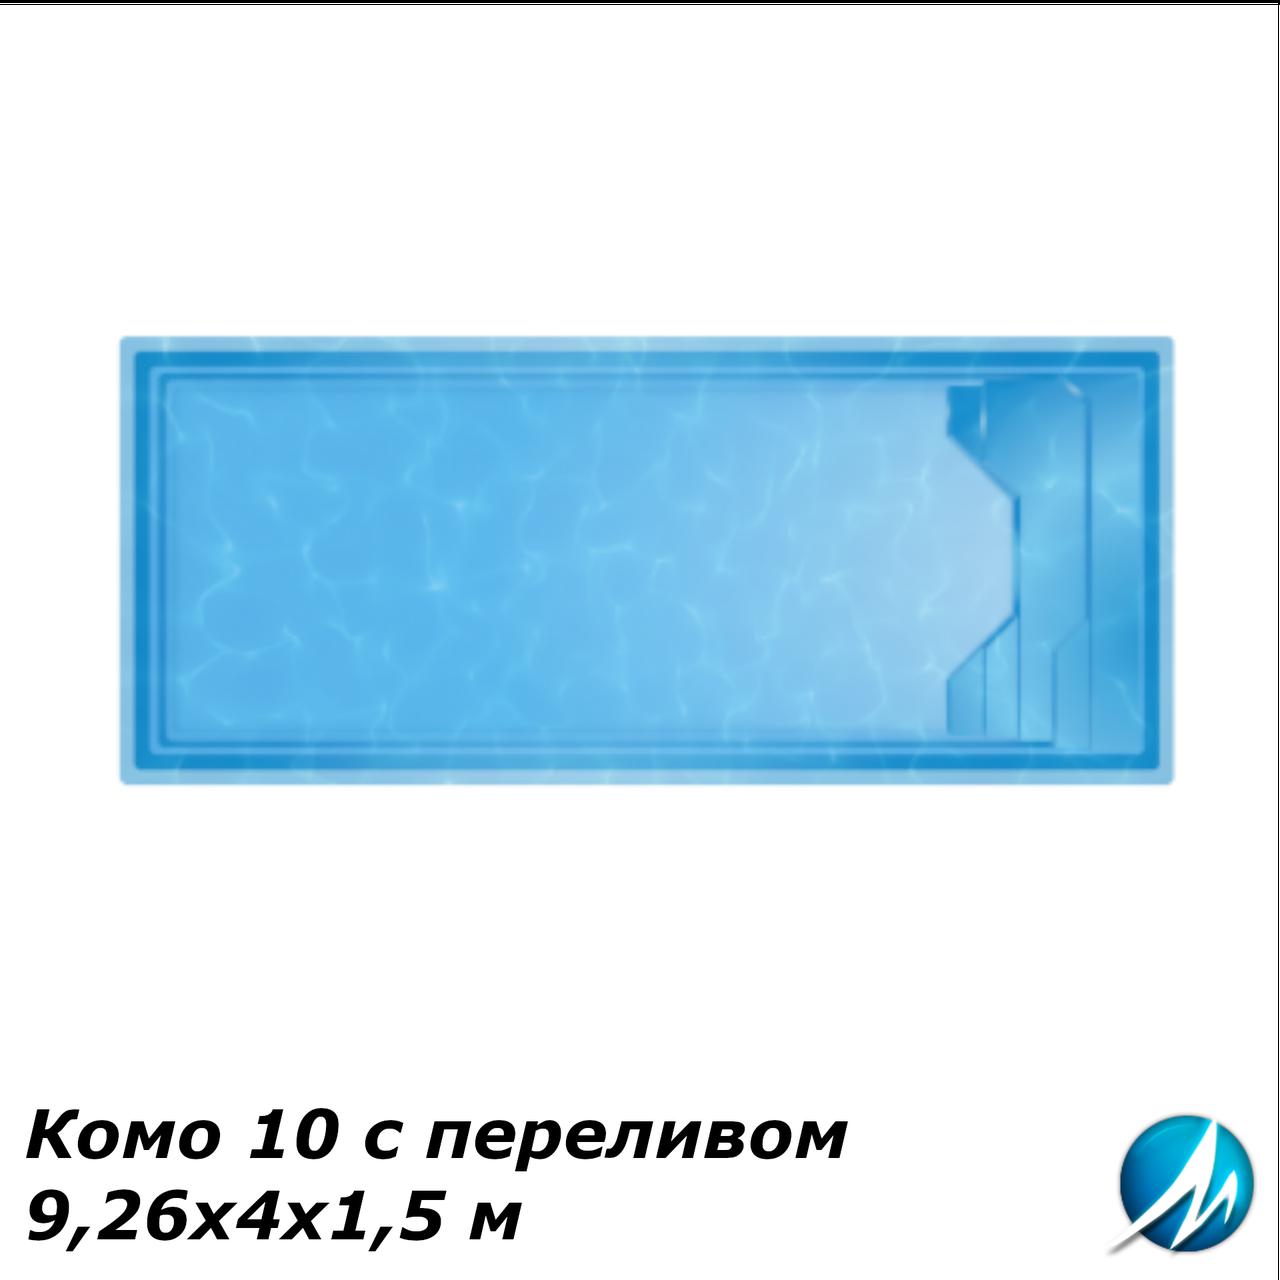 """Композитный бассейн """"Комо 10"""" 9,26х4х1,5 м, с переливом"""